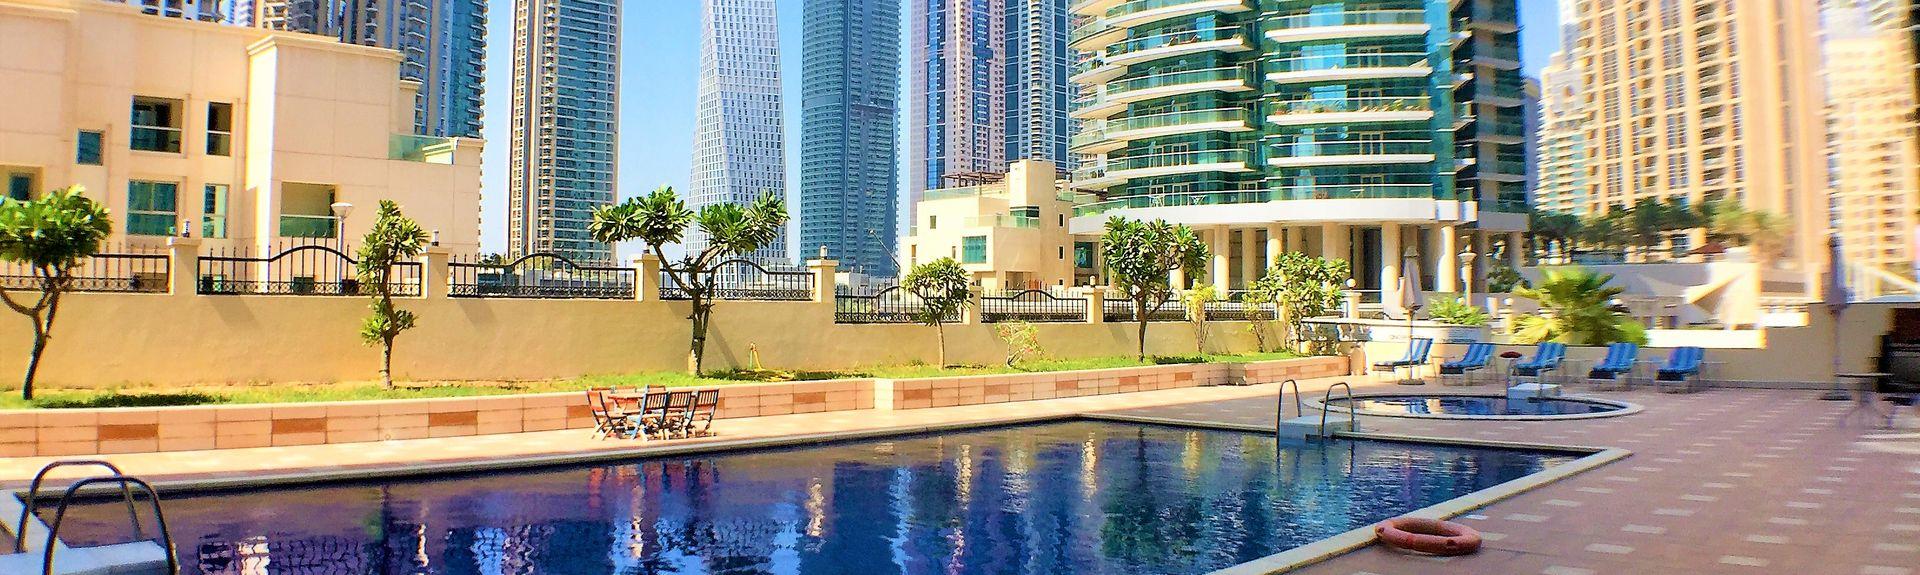 Al Sufouh - Dubai - United Arab Emirates